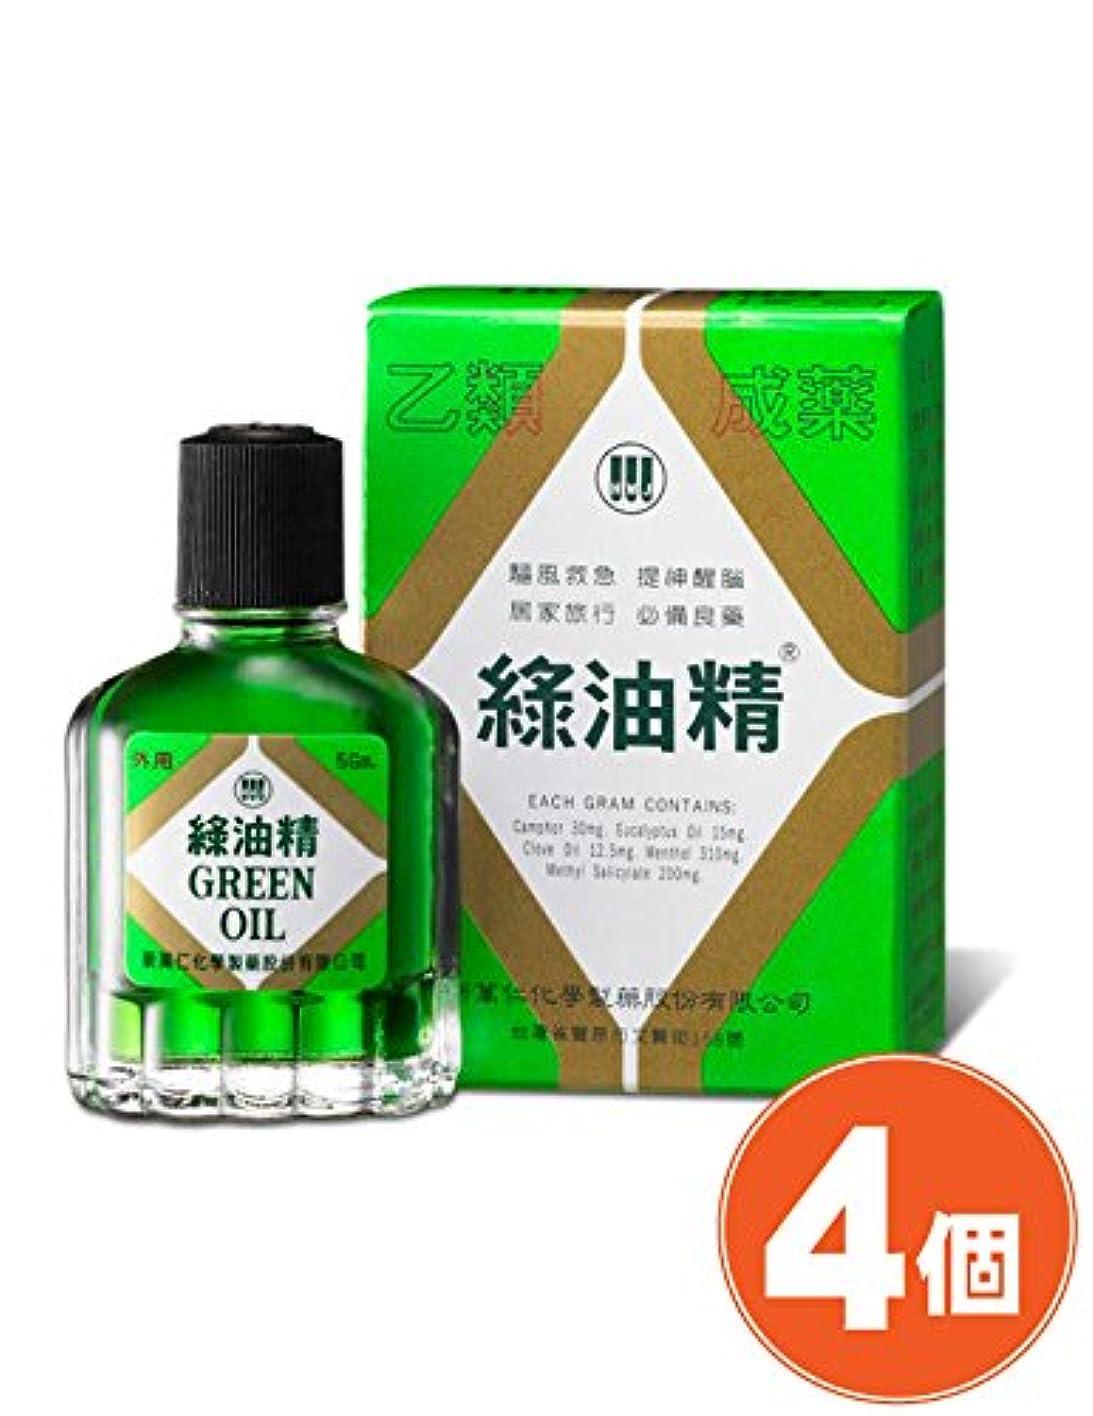 謝る小道協同《新萬仁》台湾の万能グリーンオイル 緑油精 5g ×4個 《台湾 お土産》 [並行輸入品]